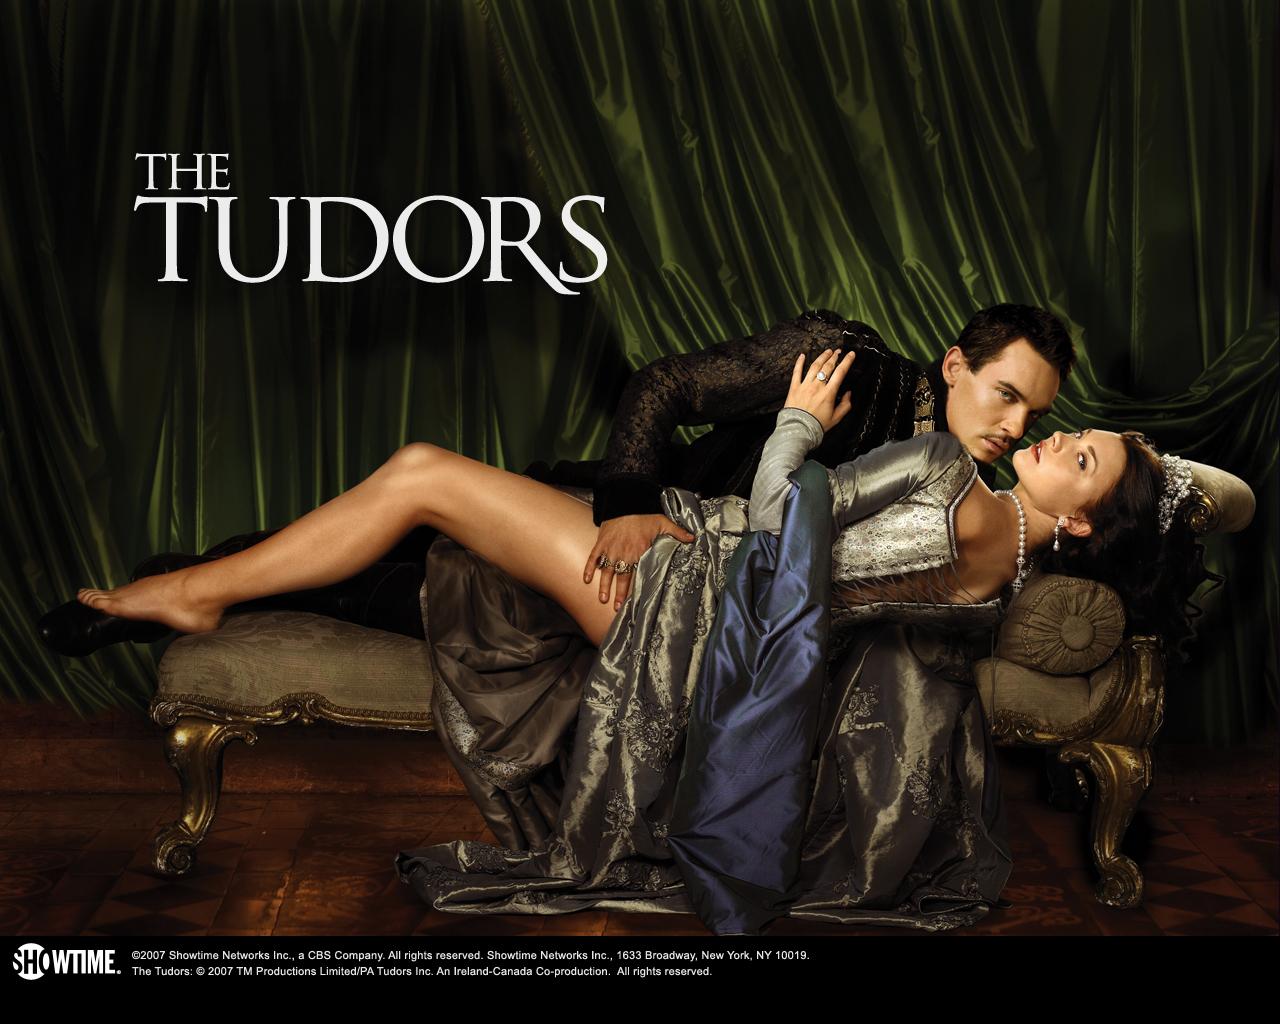 http://3.bp.blogspot.com/_ibwXiiM6w0Y/TKXSqIaNJHI/AAAAAAAAANU/7mgwDudArBI/s1600/Jonathan_Rhys_Meyers_in_The_Tudors_Wallpaper_2_1280.jpg